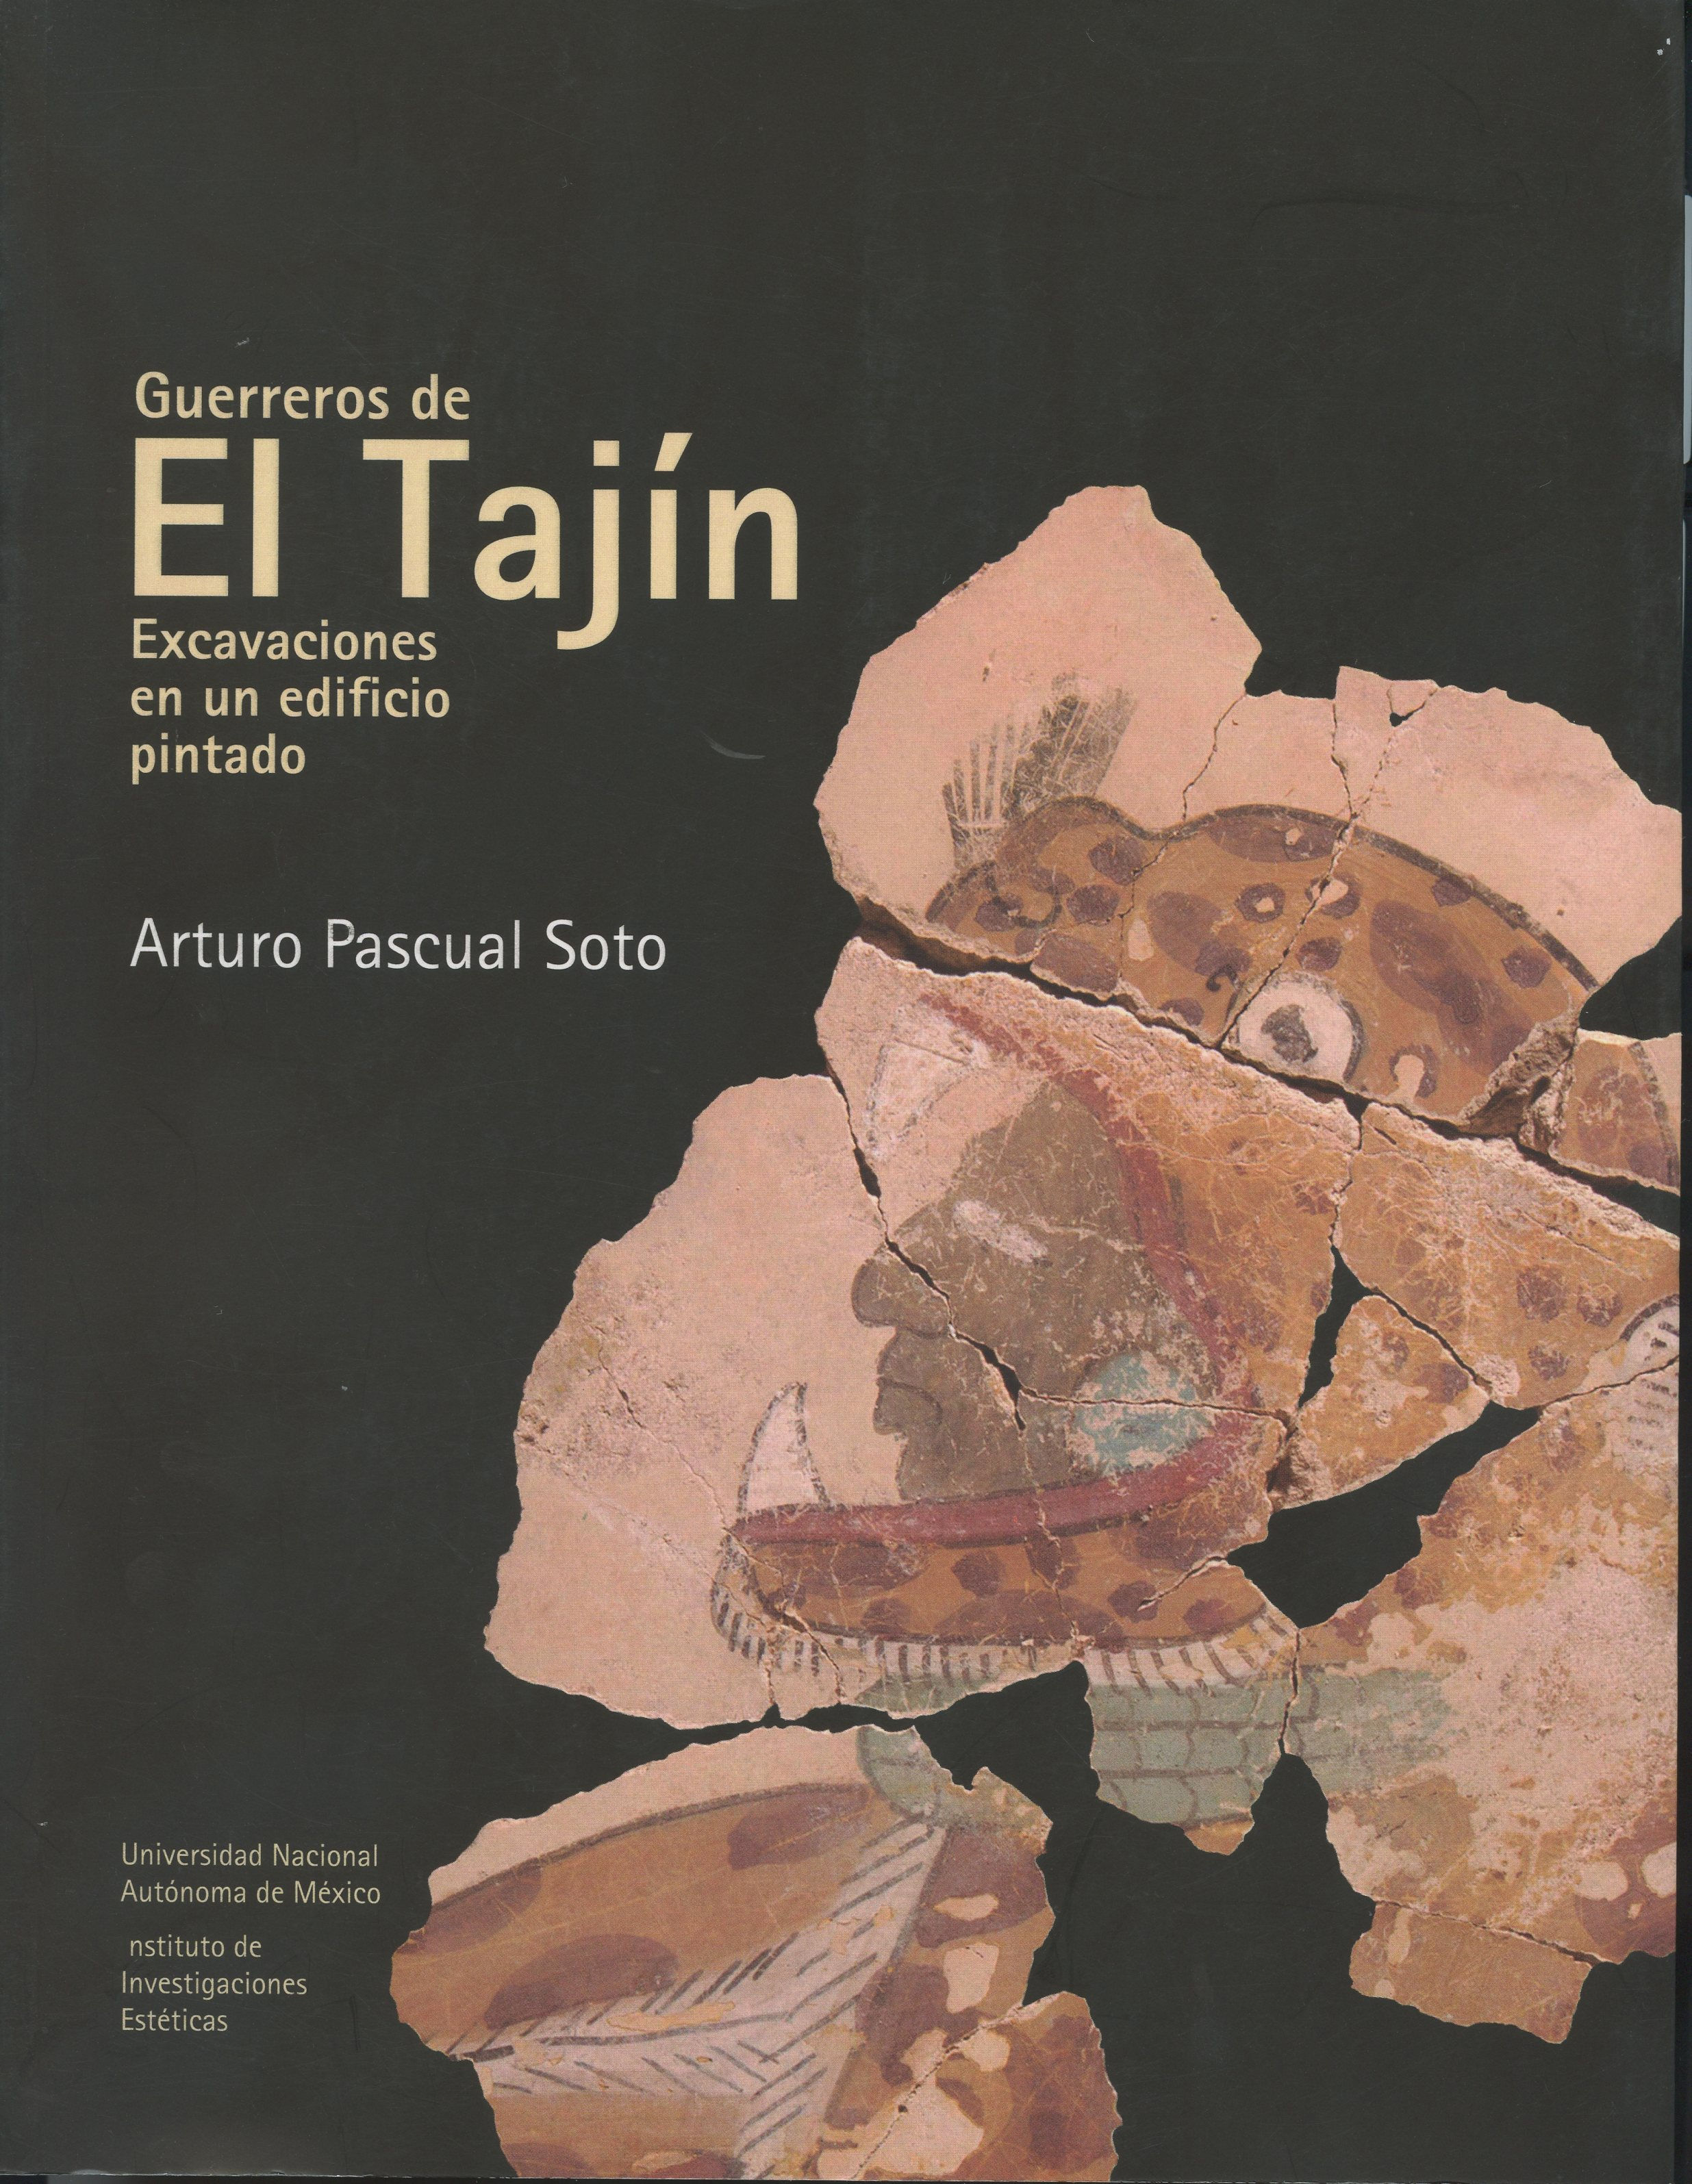 Guerreros de El Tajín. Excavaciones en un edificio pintado